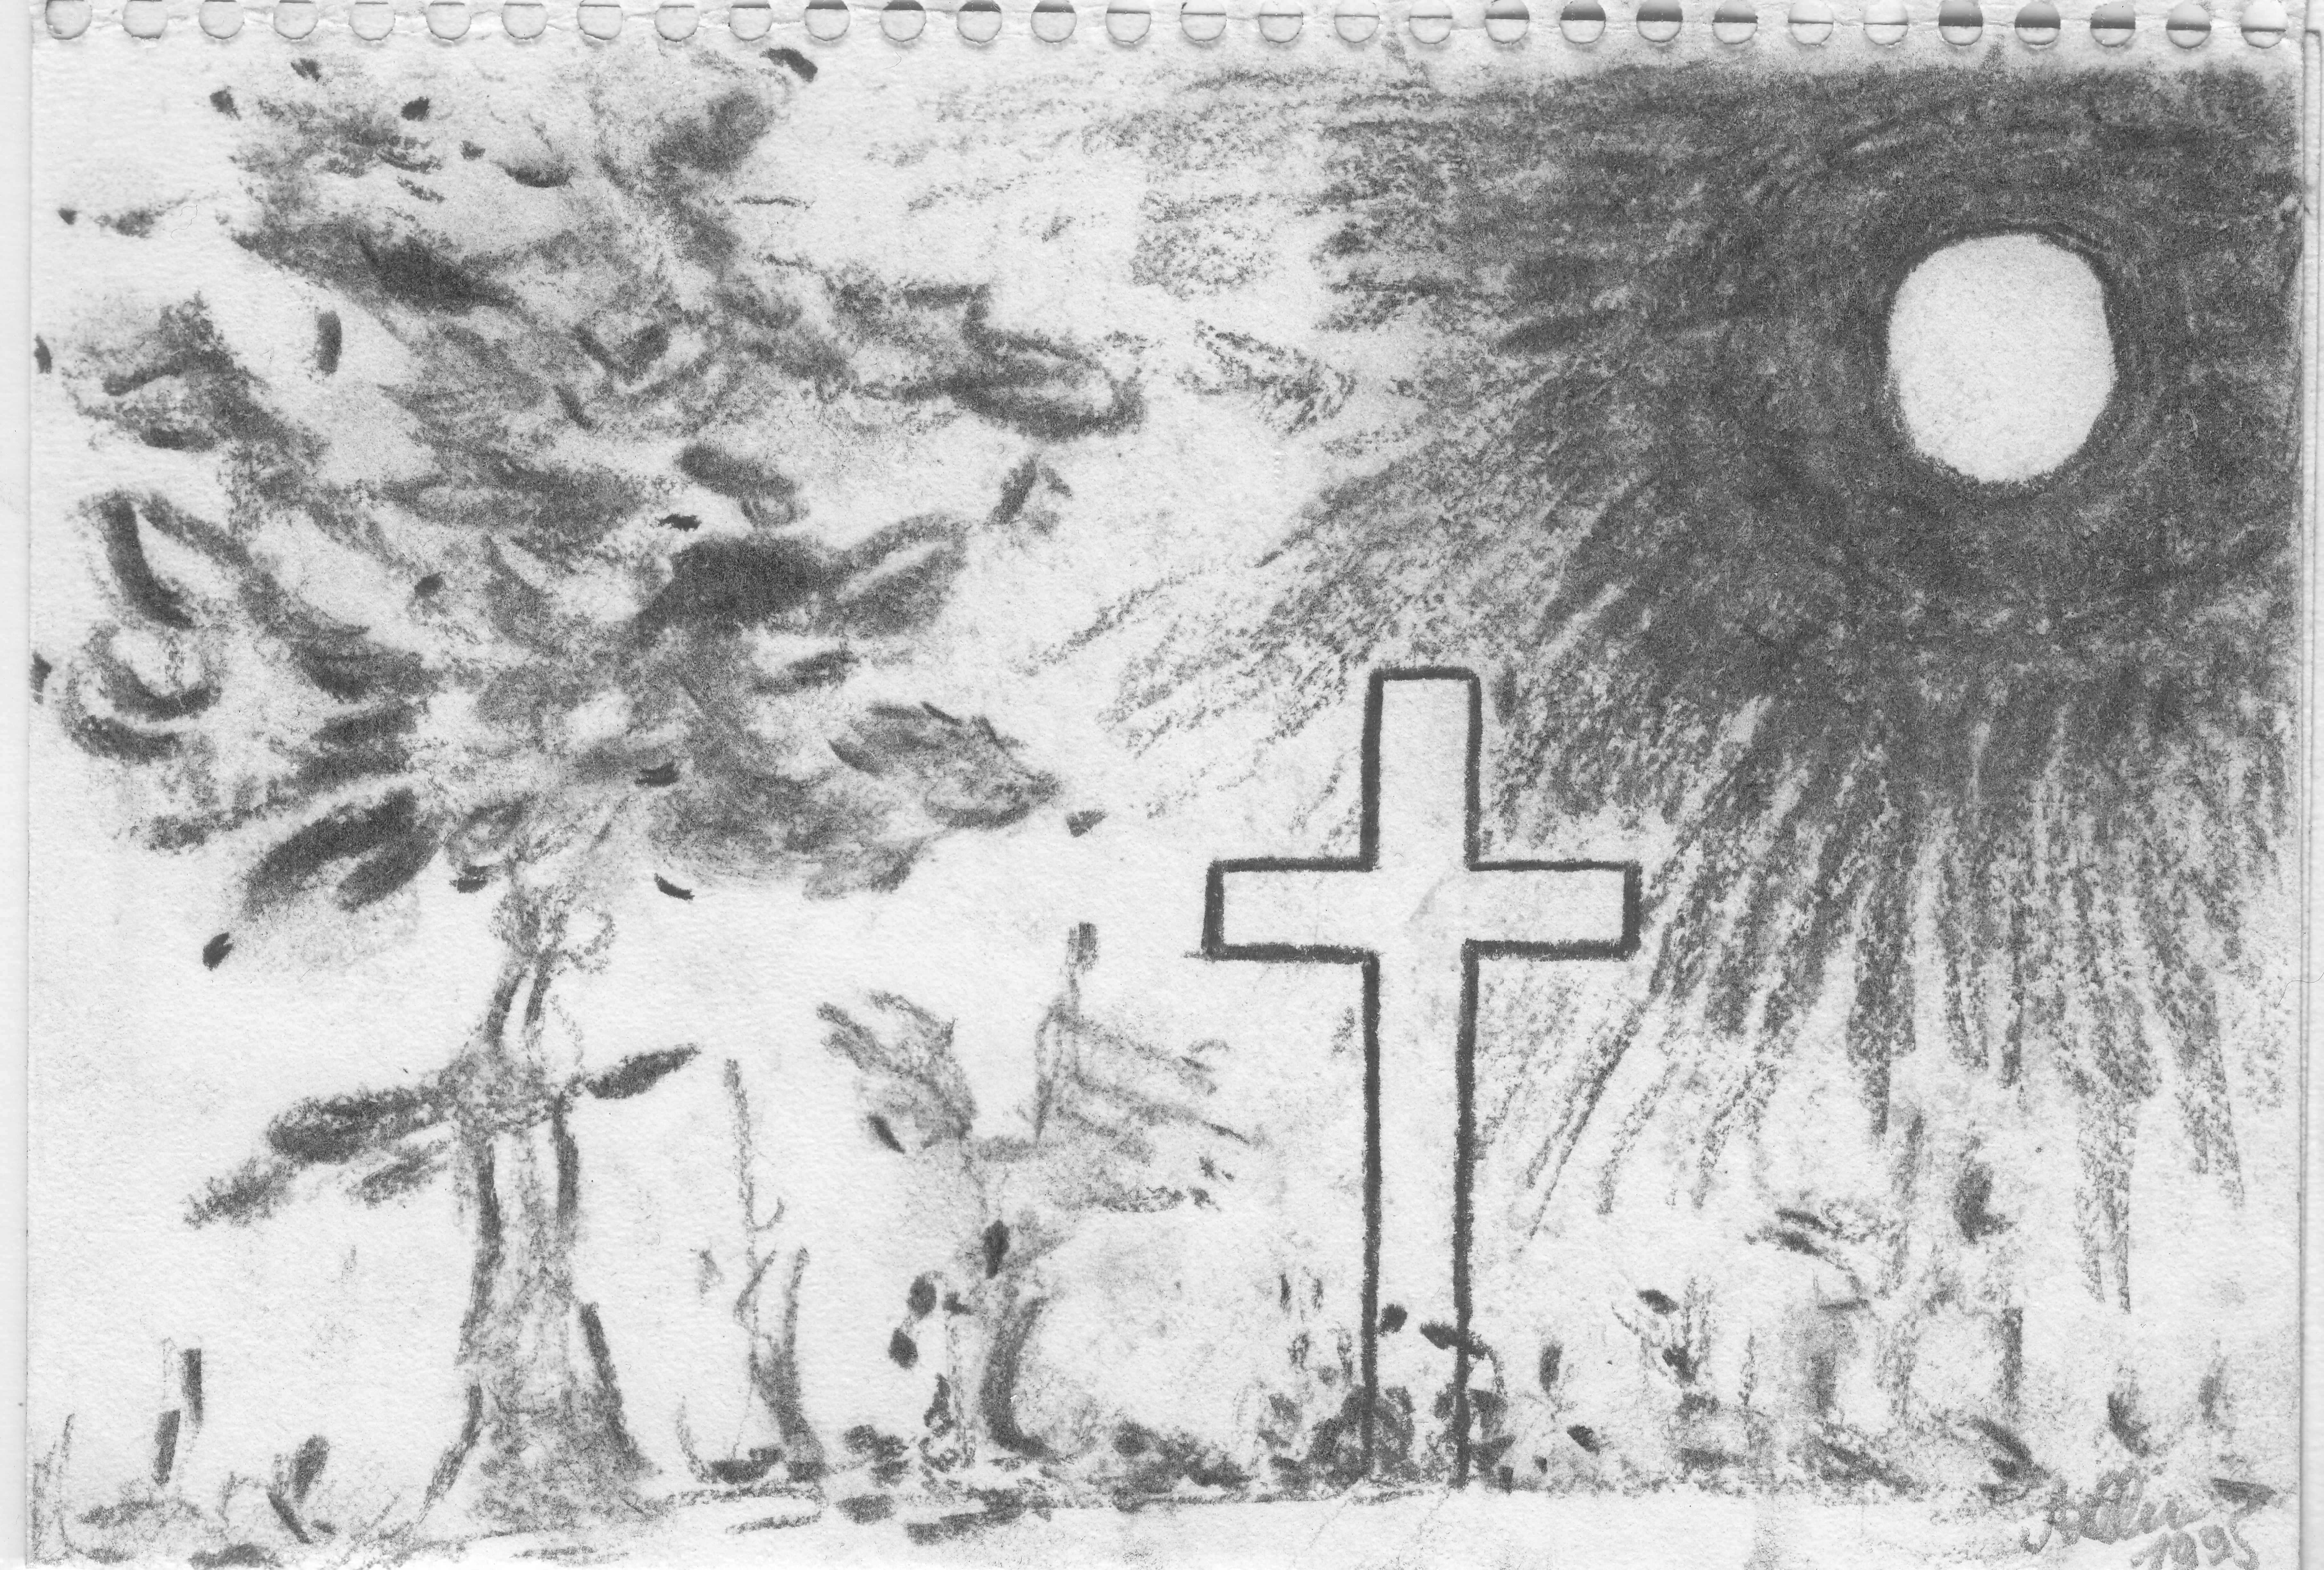 Kohlekreuz; 1995; Kohle; imachd.